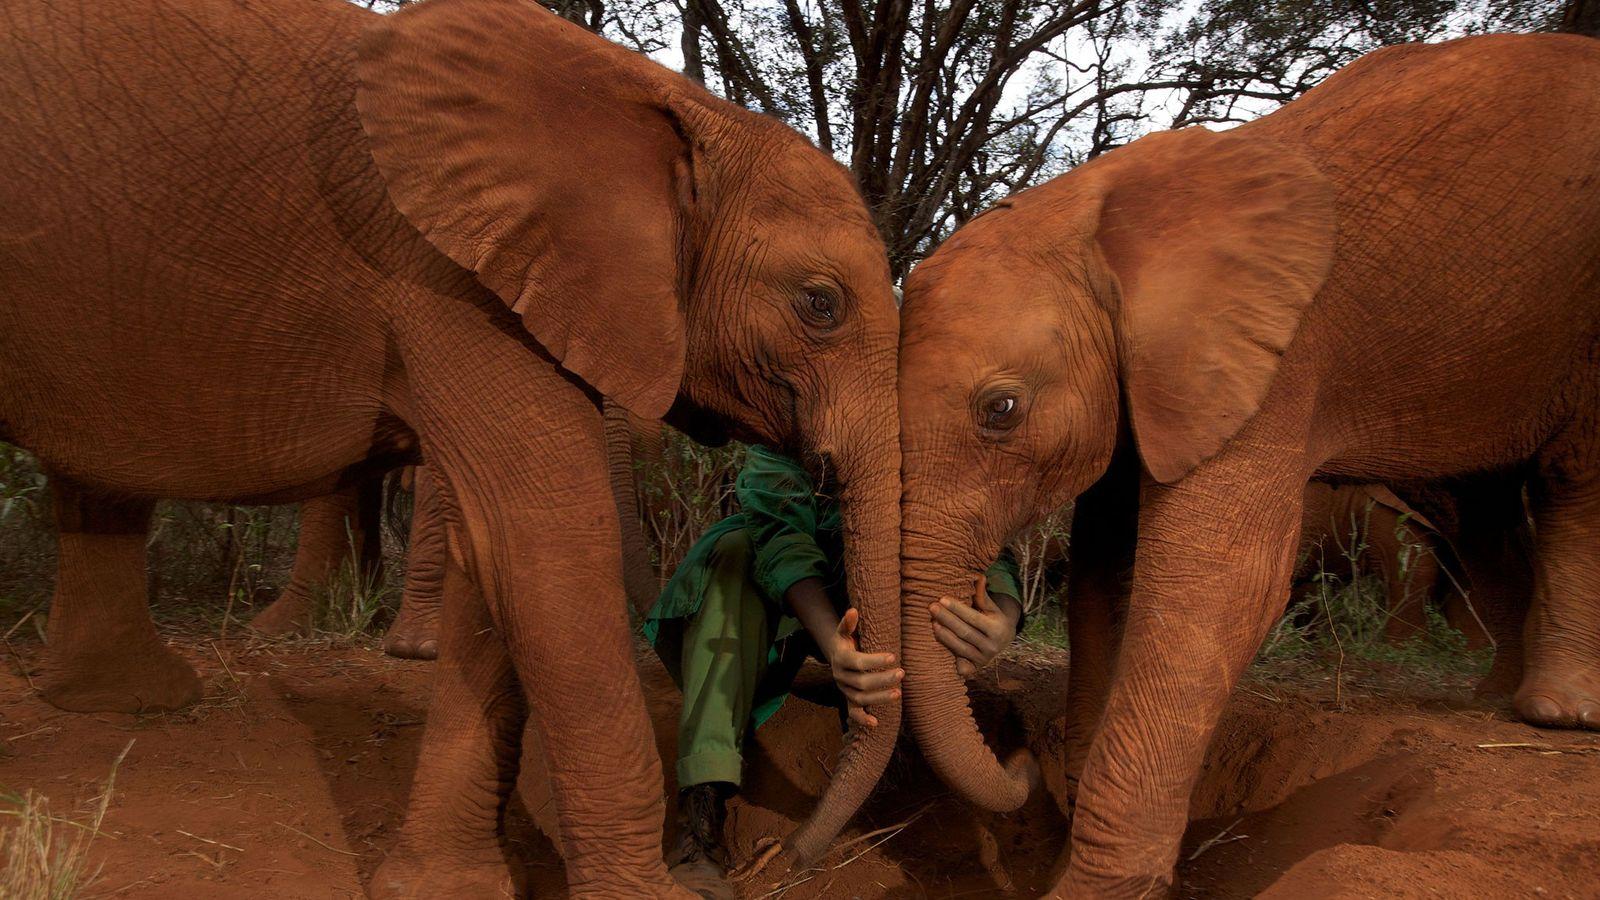 Debido al gran tamaño y la longeva vida de los elefantes, la tasa de cáncer en ...